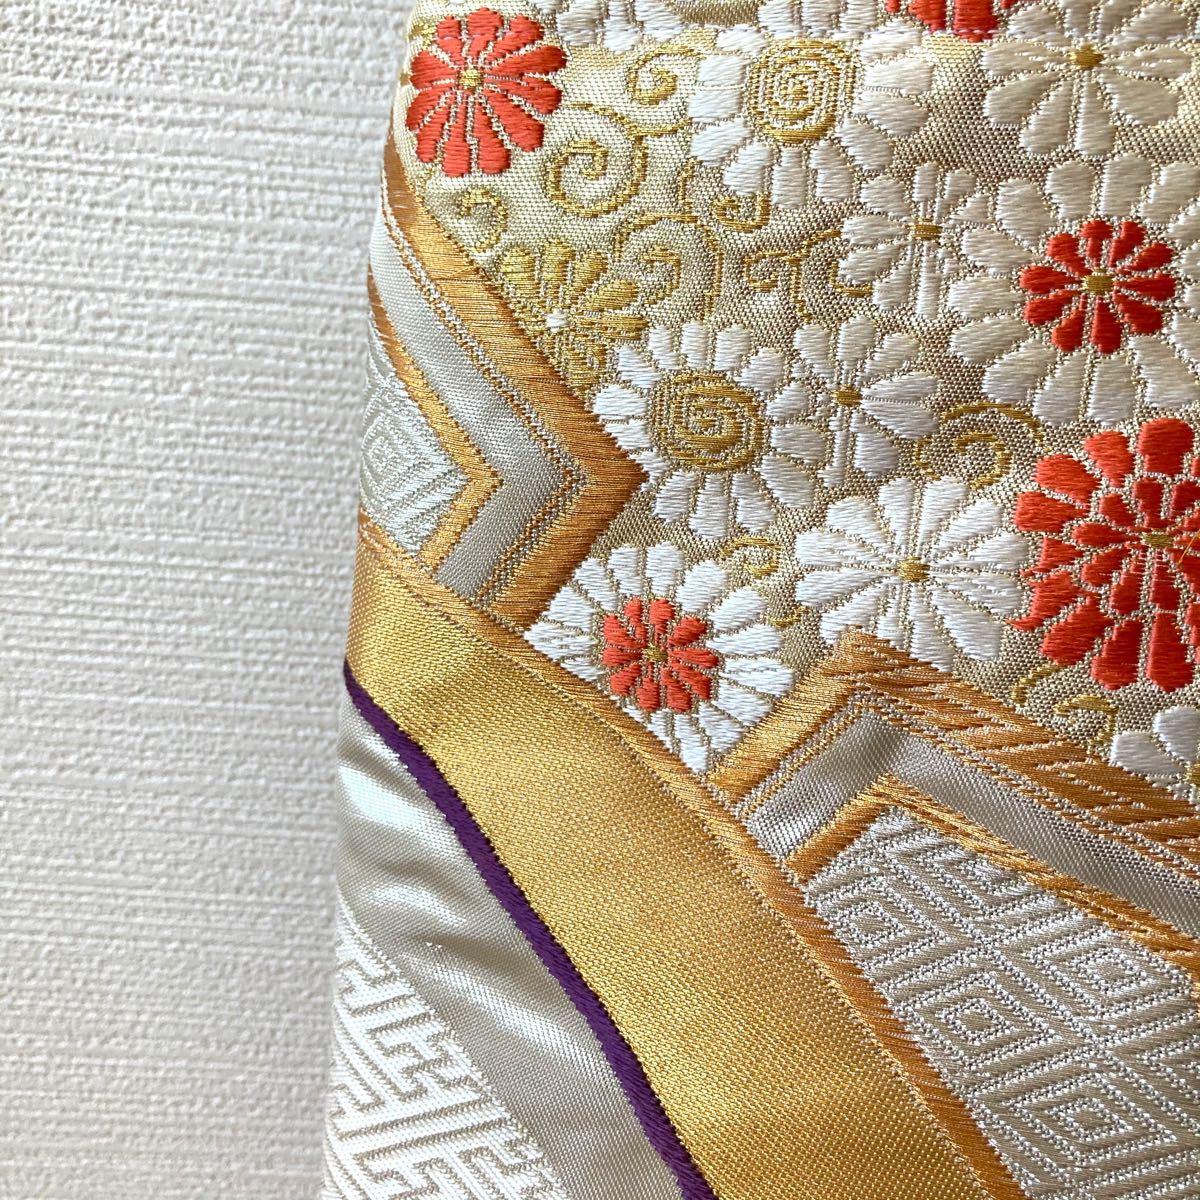 ハンドメイド 帯 袋帯 サブバッグ トートバッグ 正絹 和柄バッグ